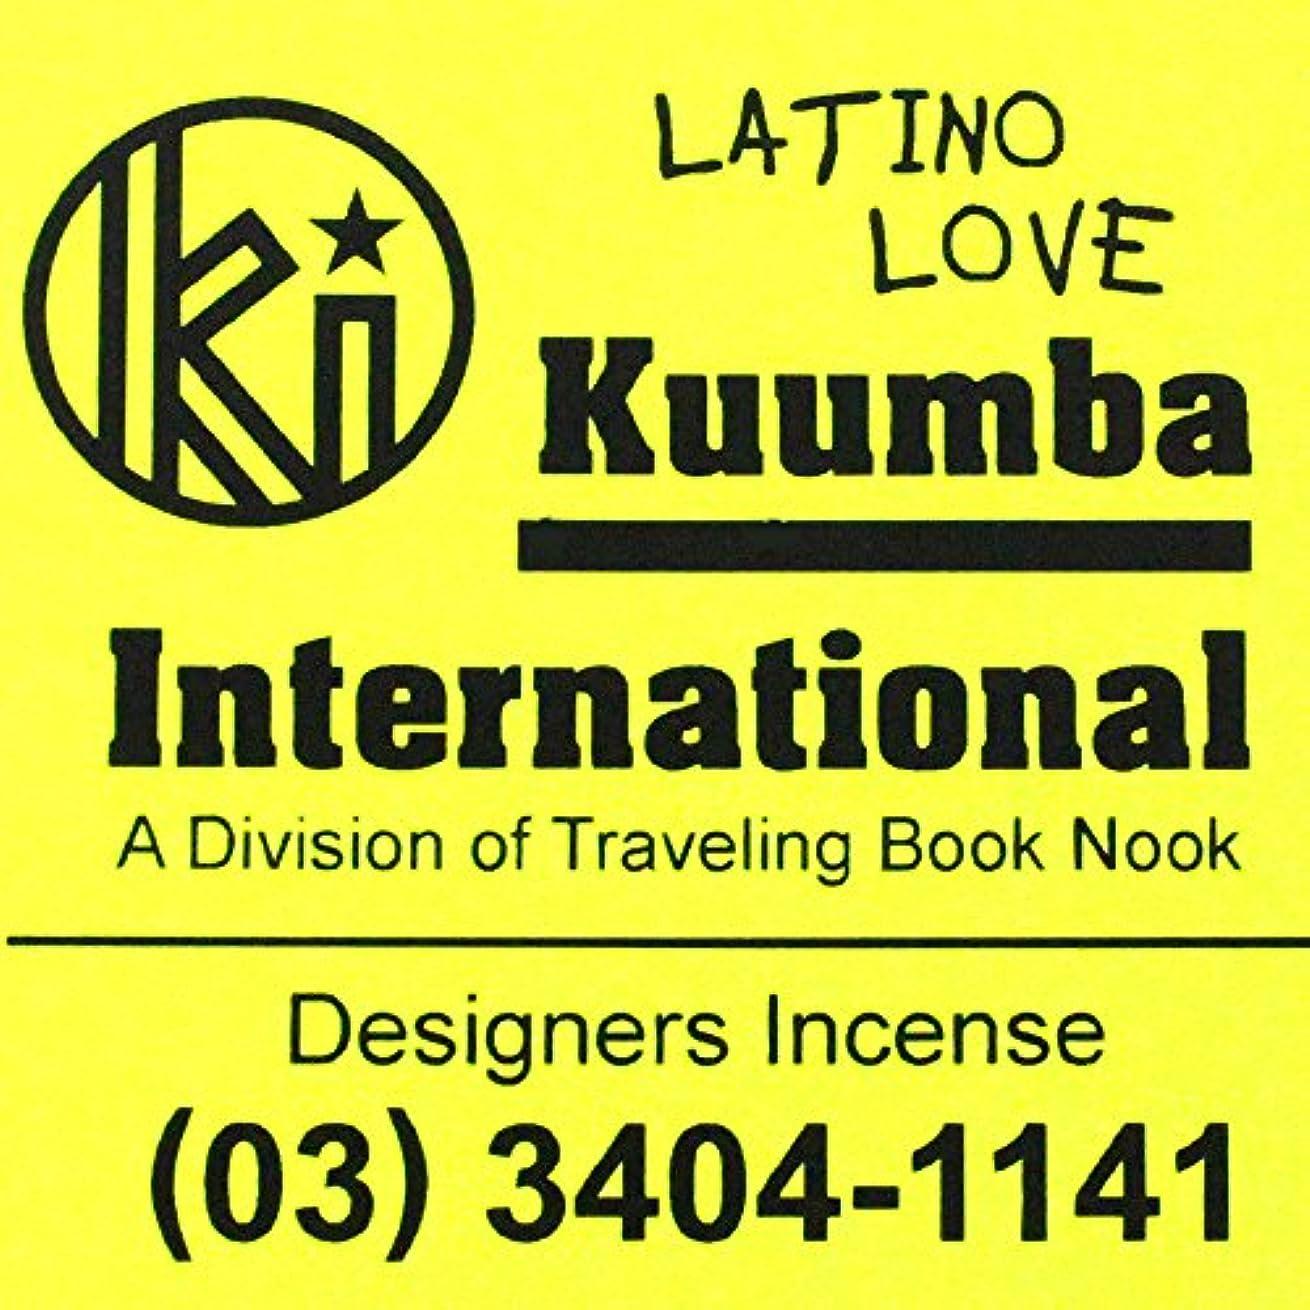 (クンバ) KUUMBA『incense』(LATINO LOVE) (Regular size)